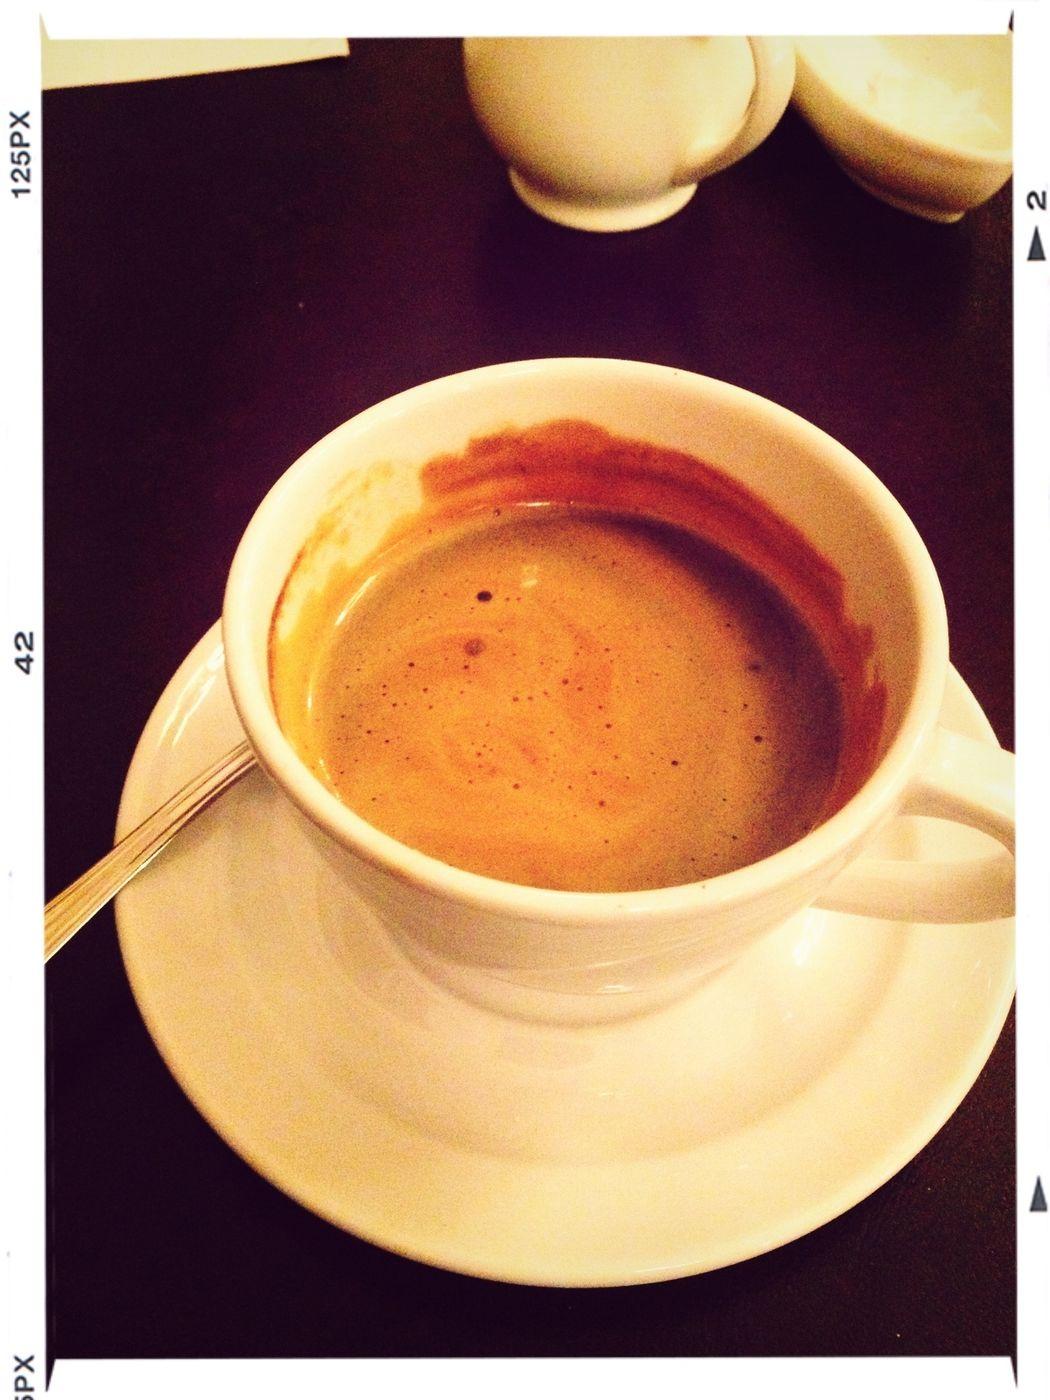 ここの珈琲は格別です‼ Espresso Coffee Coffee Taking Photos